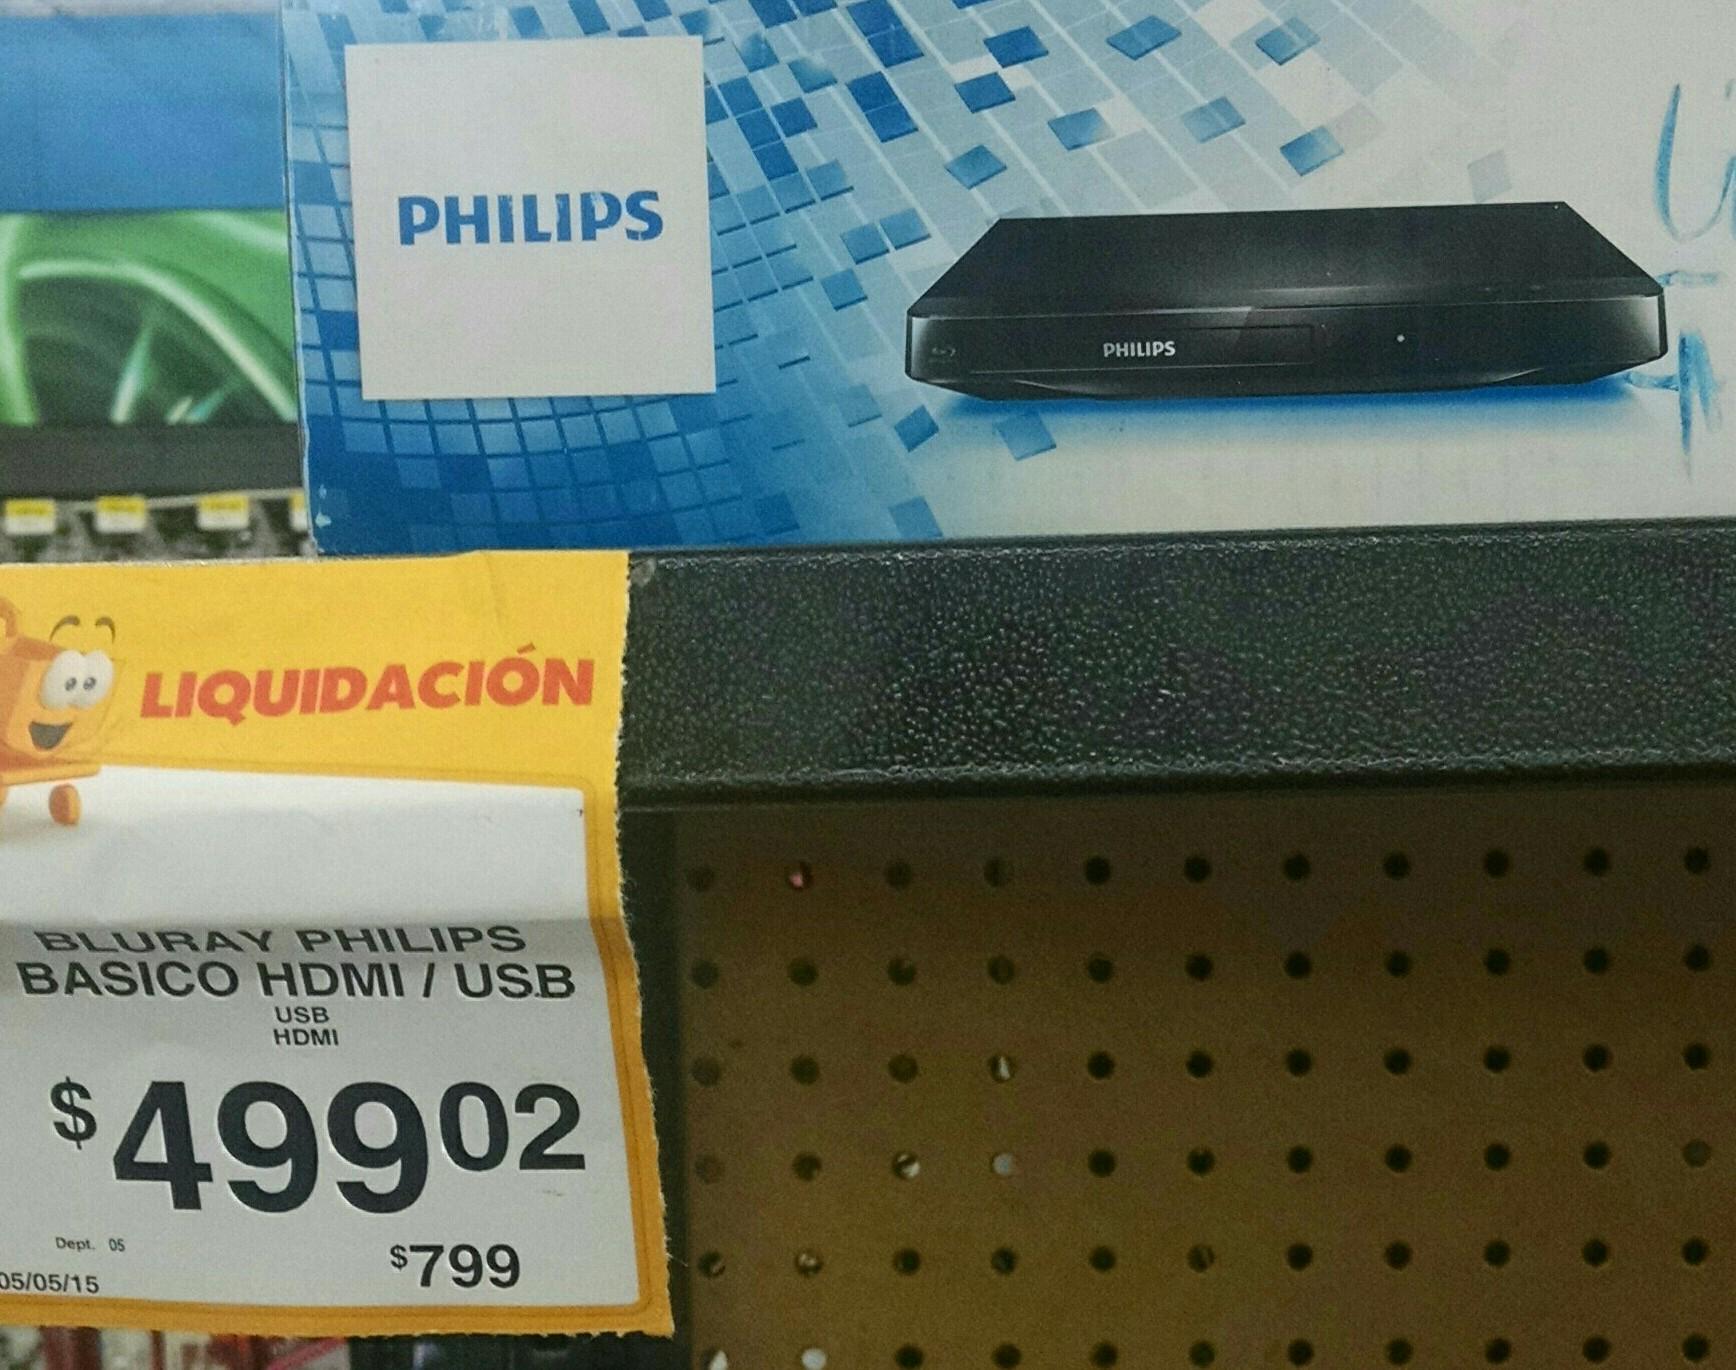 Walmart: Blu-Ray Philips a $499.02 en líquidacion